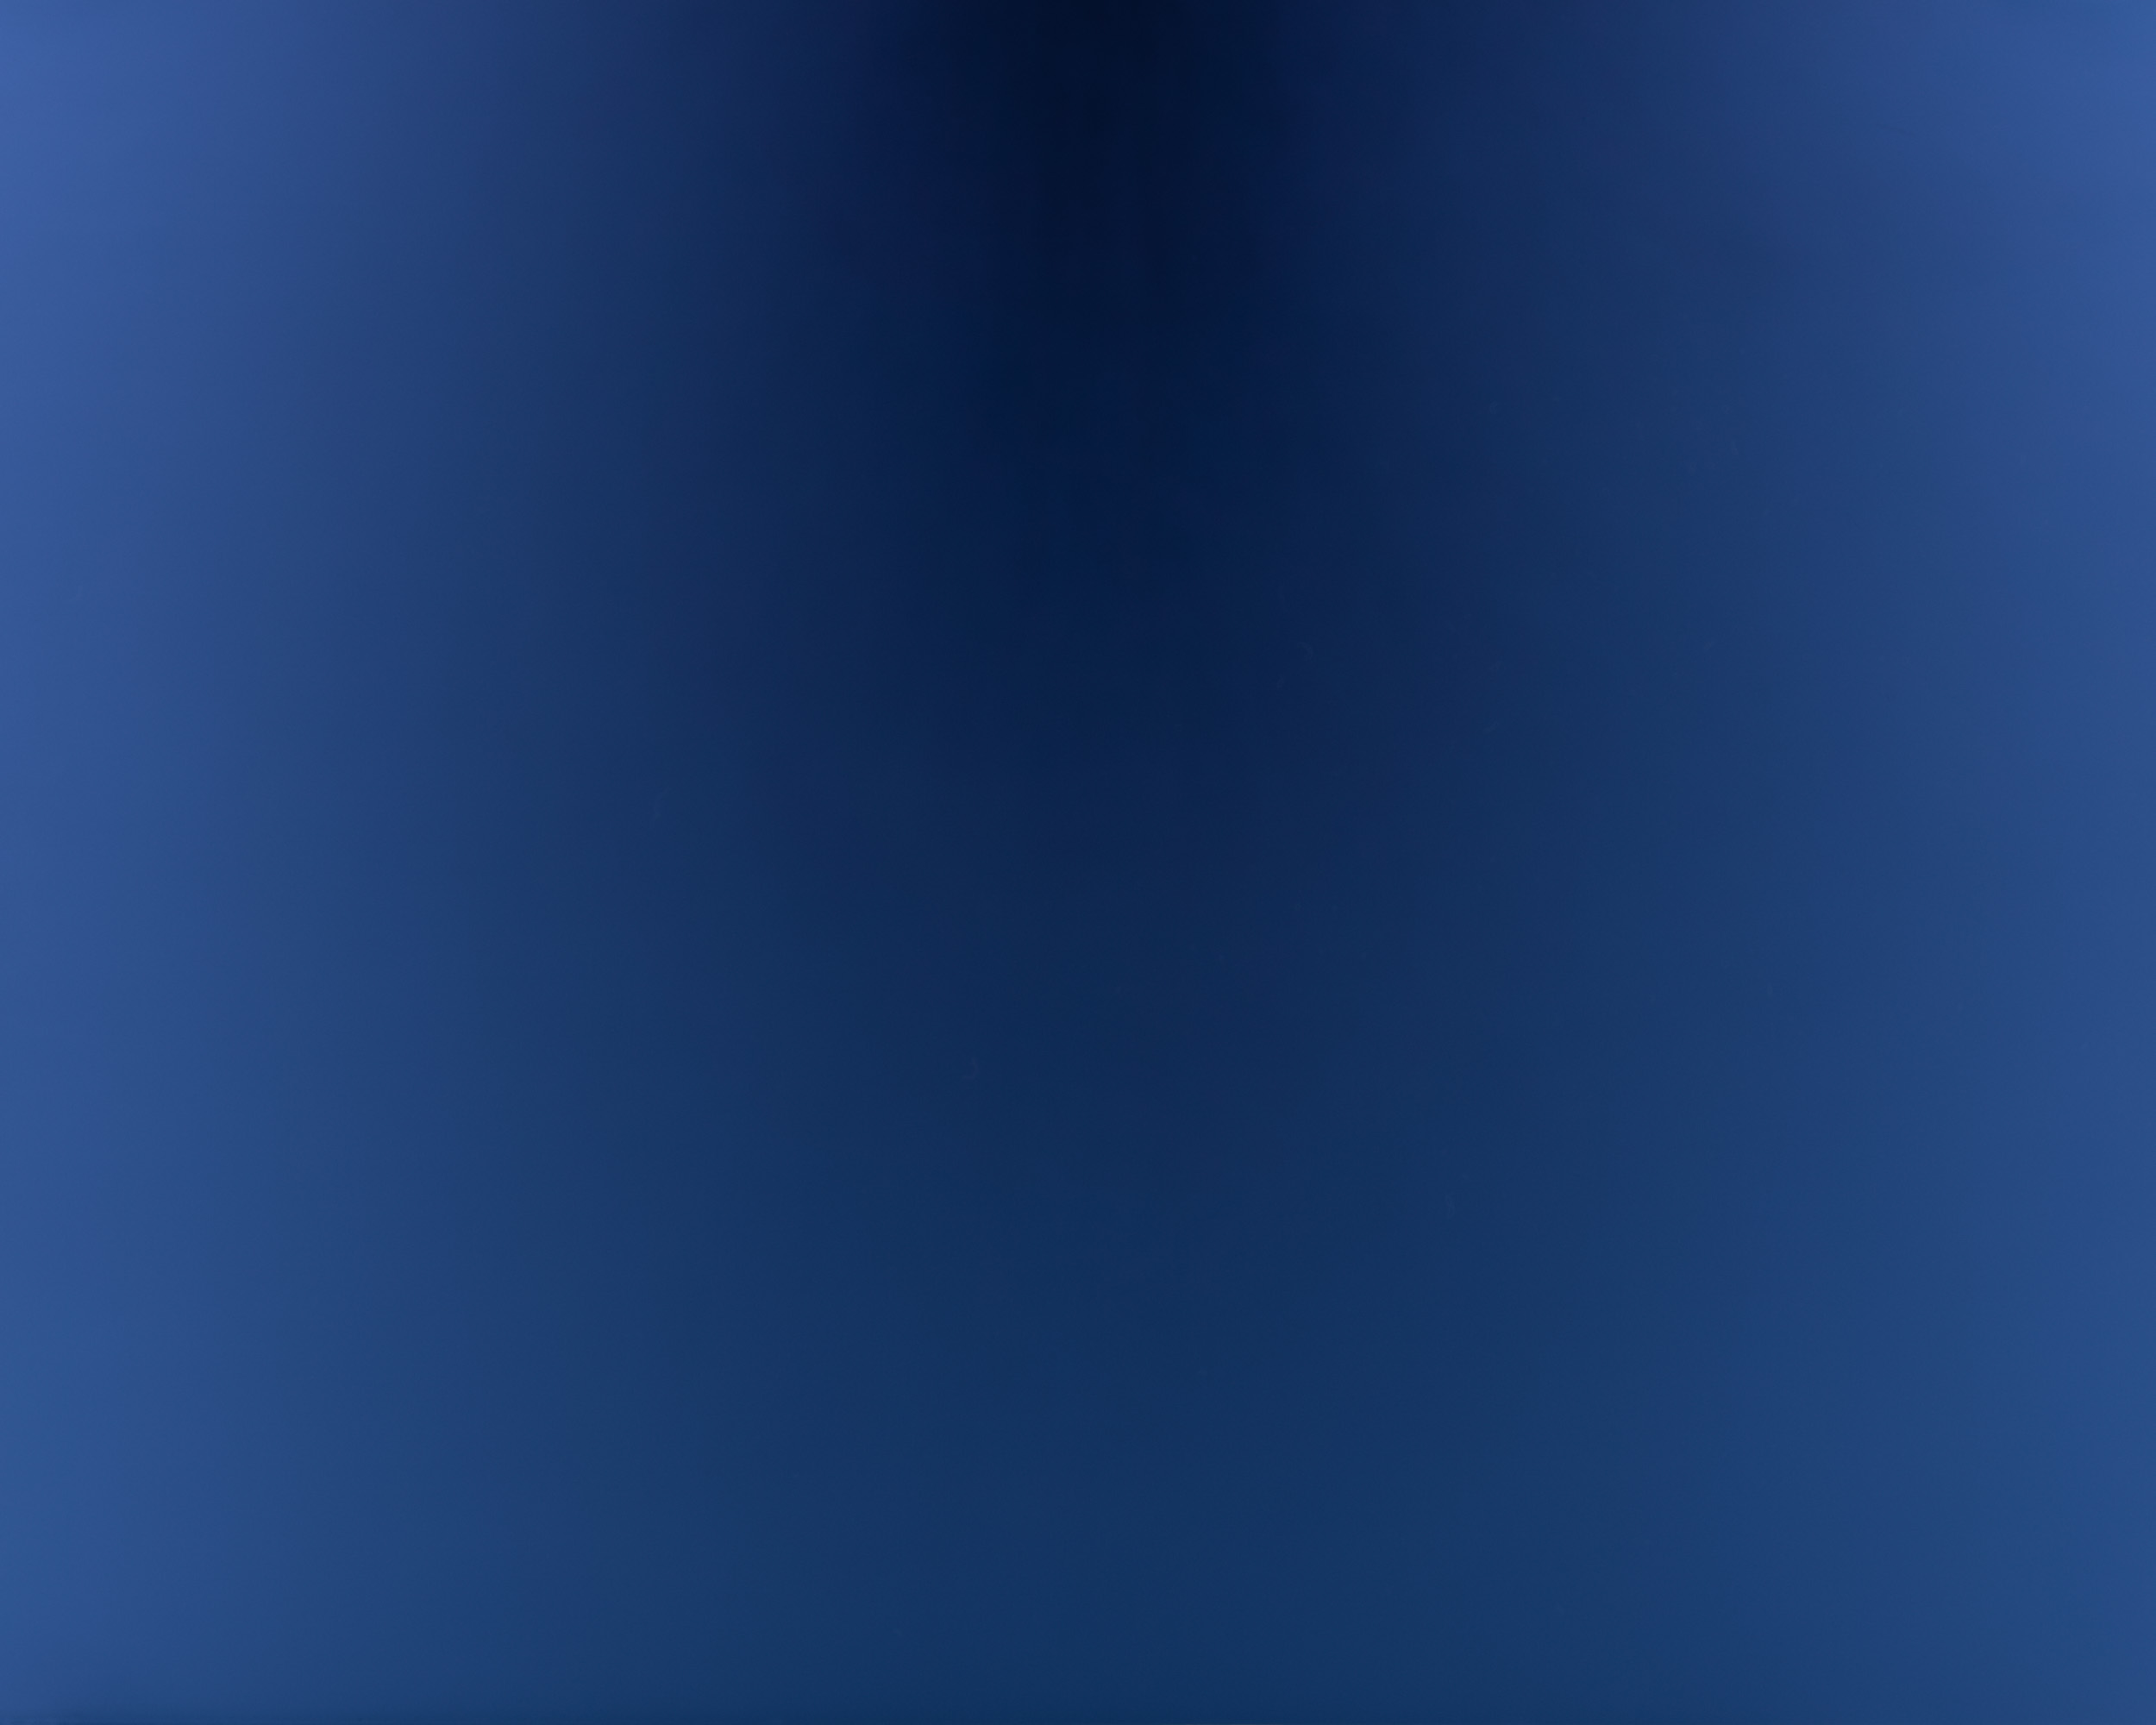 sky-1.jpg